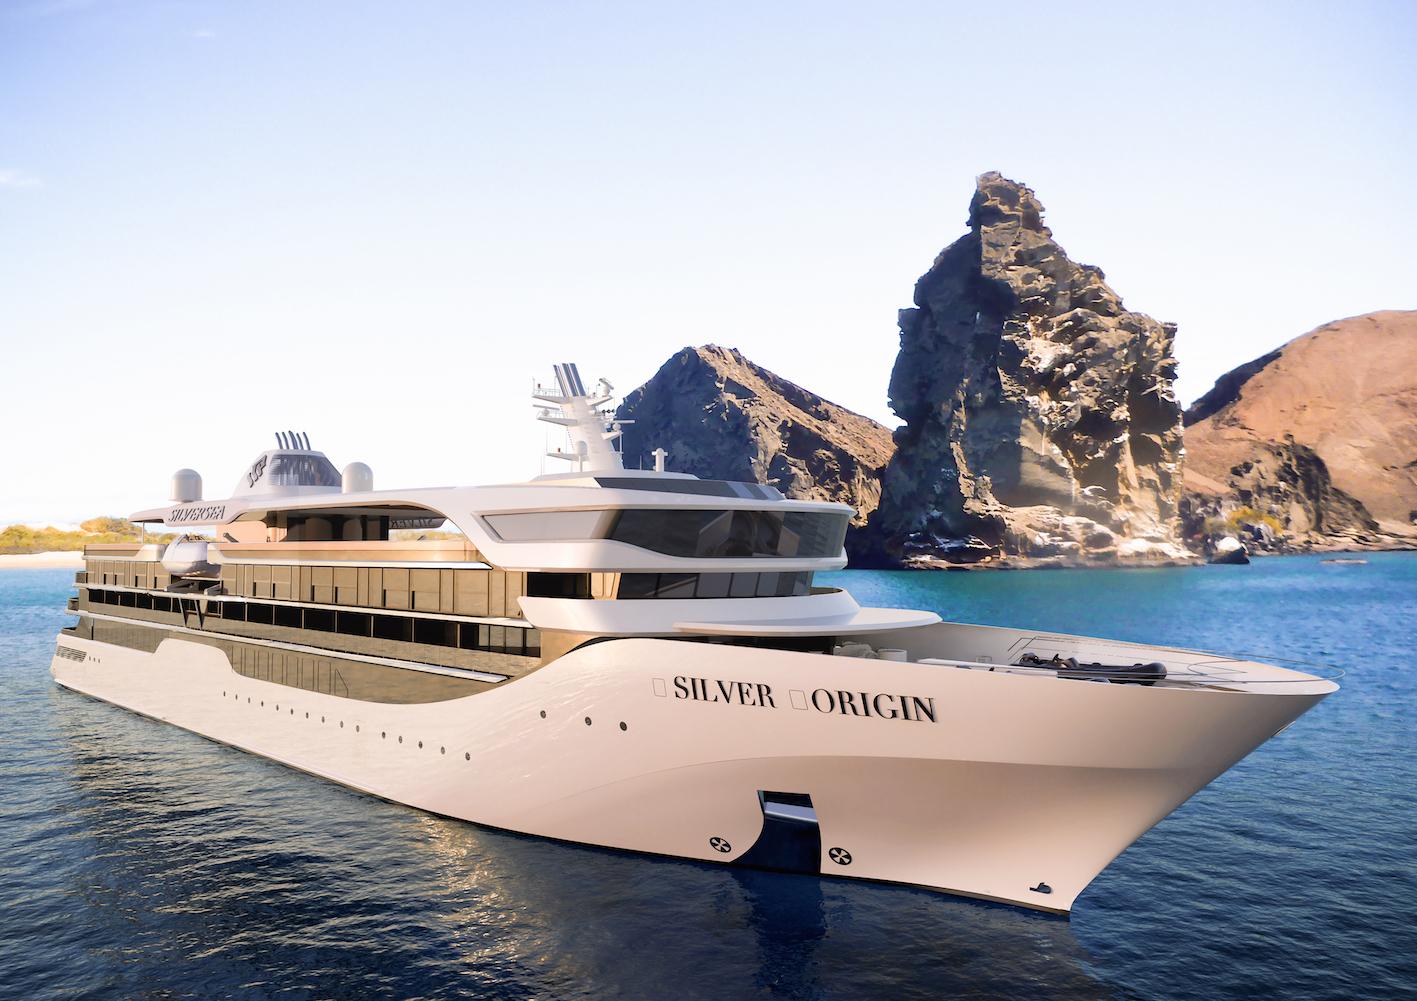 silversea origin cruise ship exterior bow